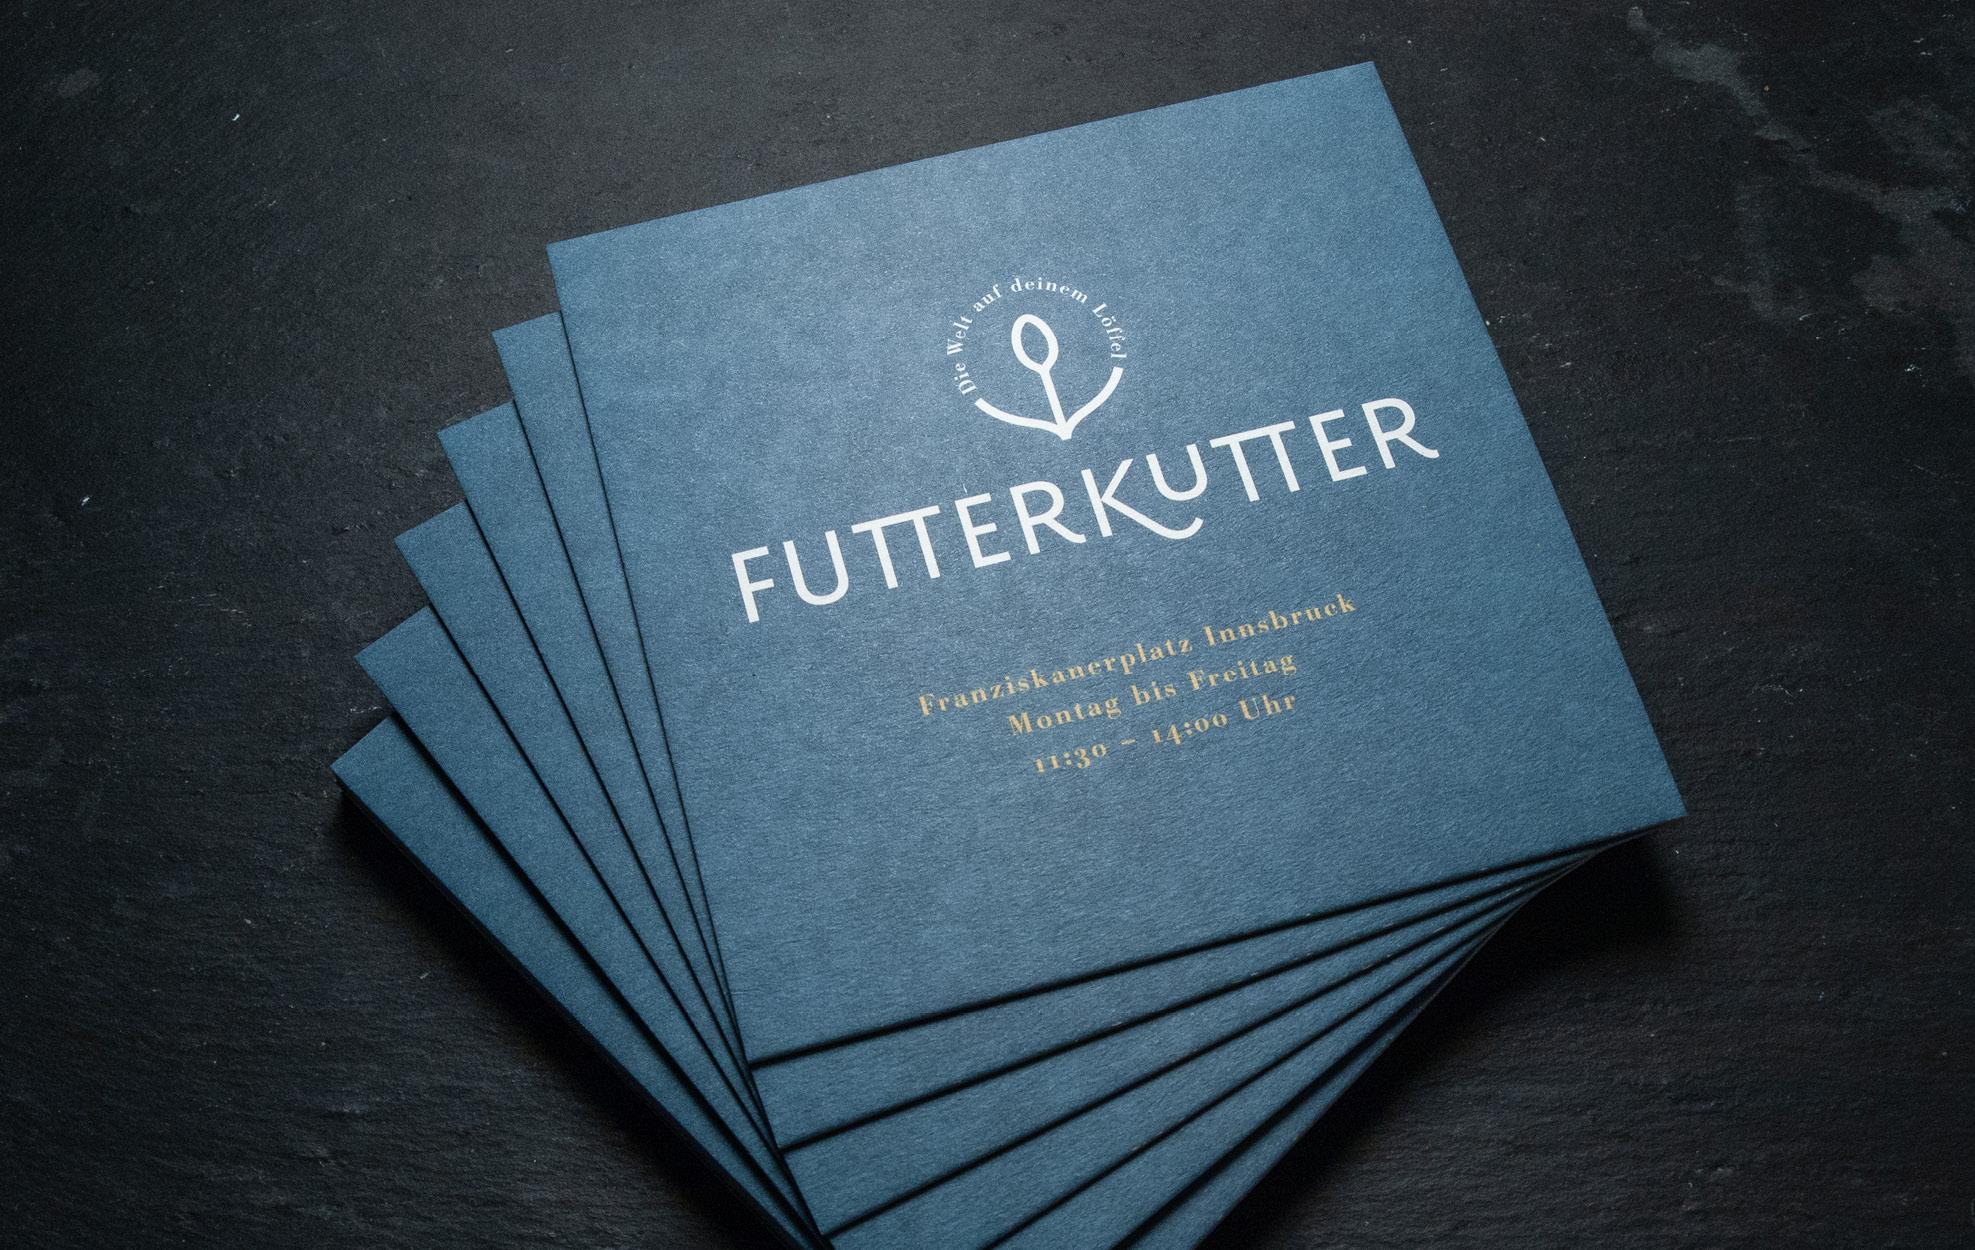 grafik-design-futterkutter-6